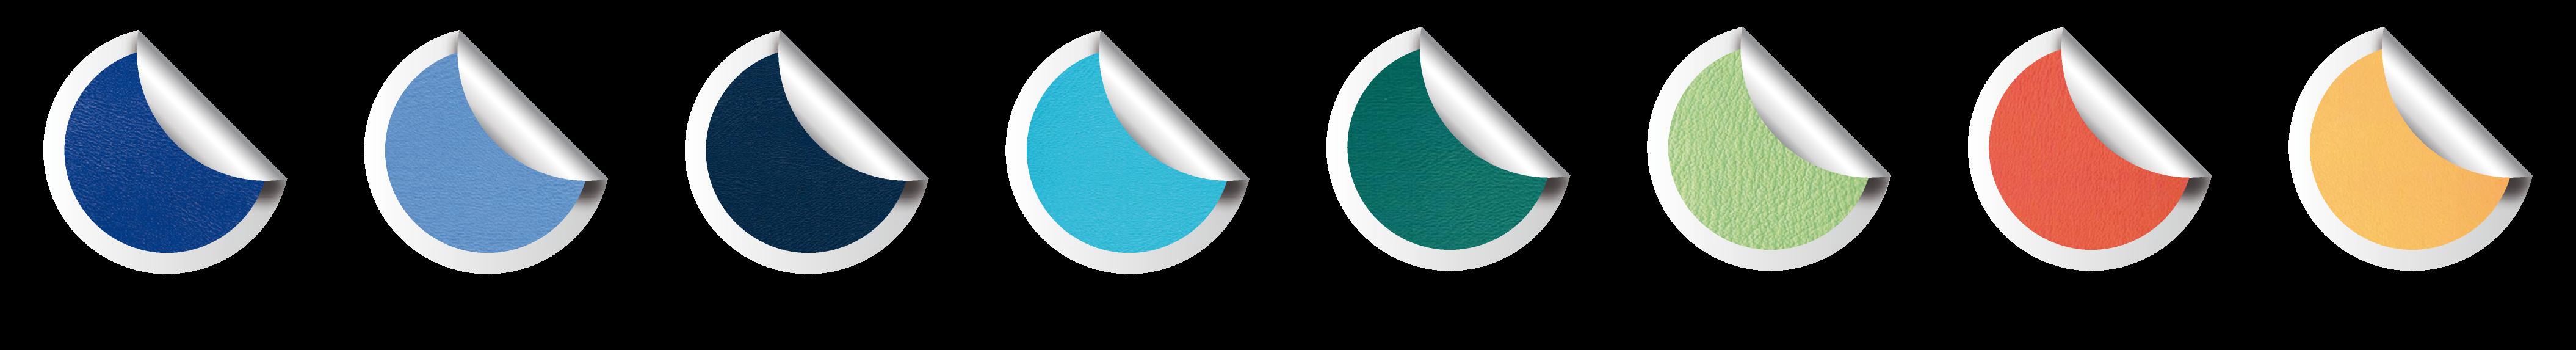 colori1